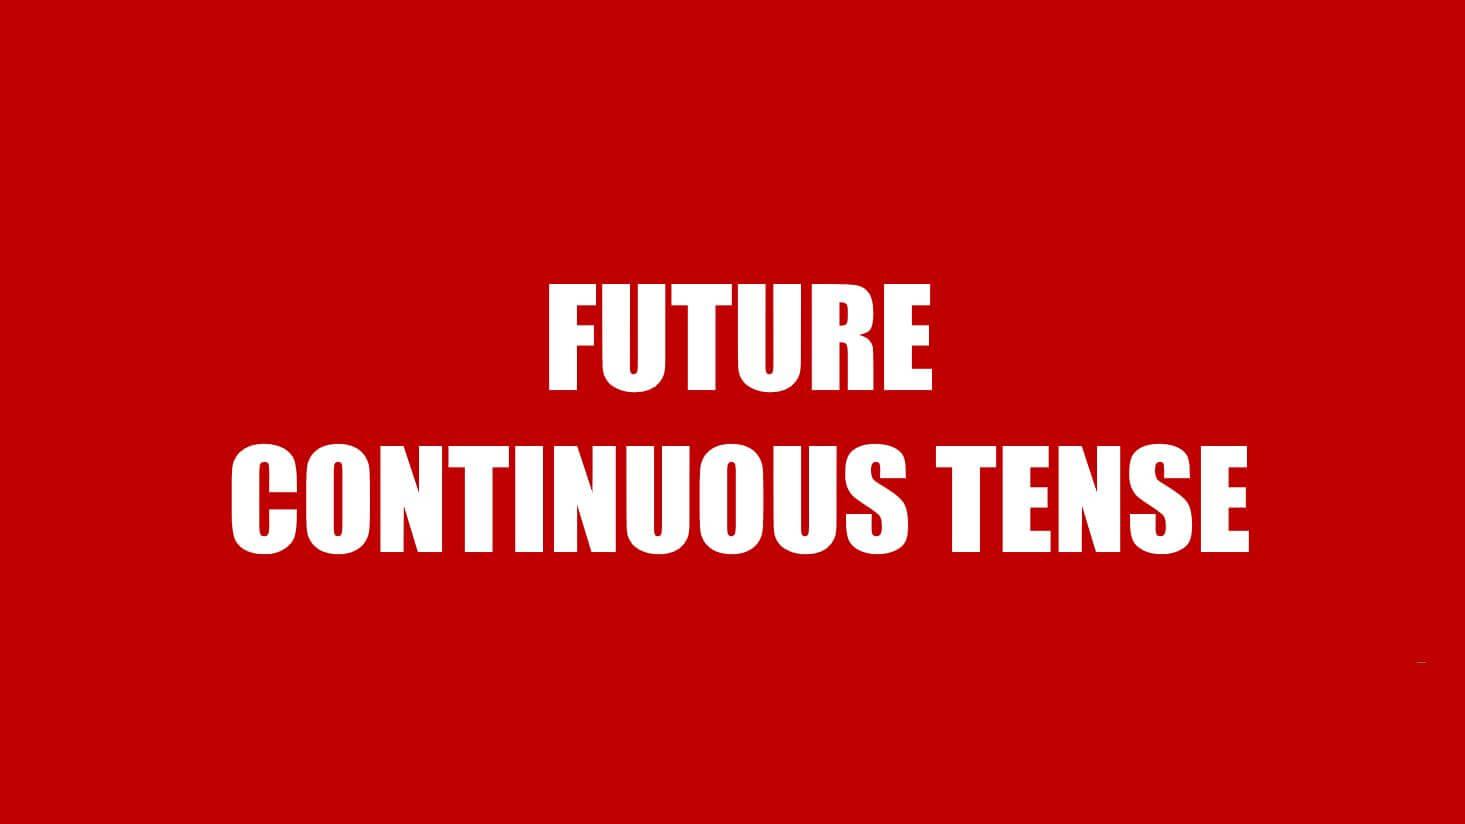 Thì tương lai tiếp diễn - Cách dùng & Bài tập đáp án chi tiết (Future Continuous)